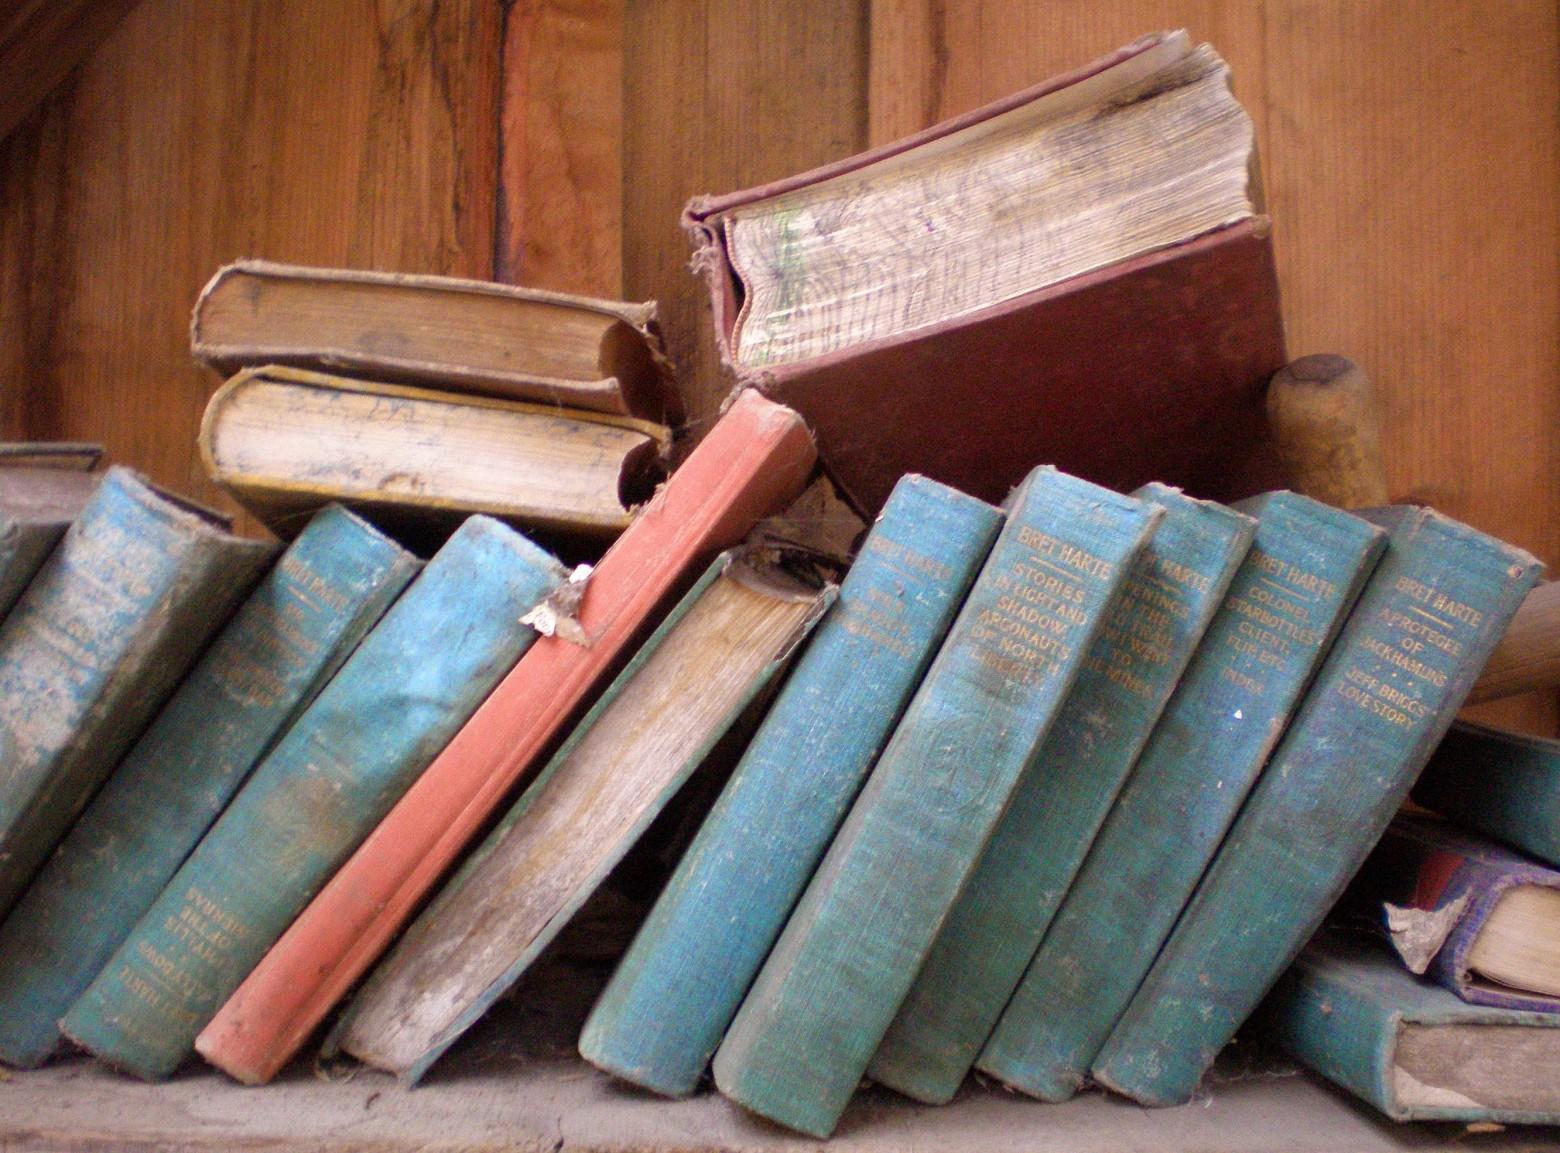 Livres Anciens Images Gratuites Et Libres De Droits